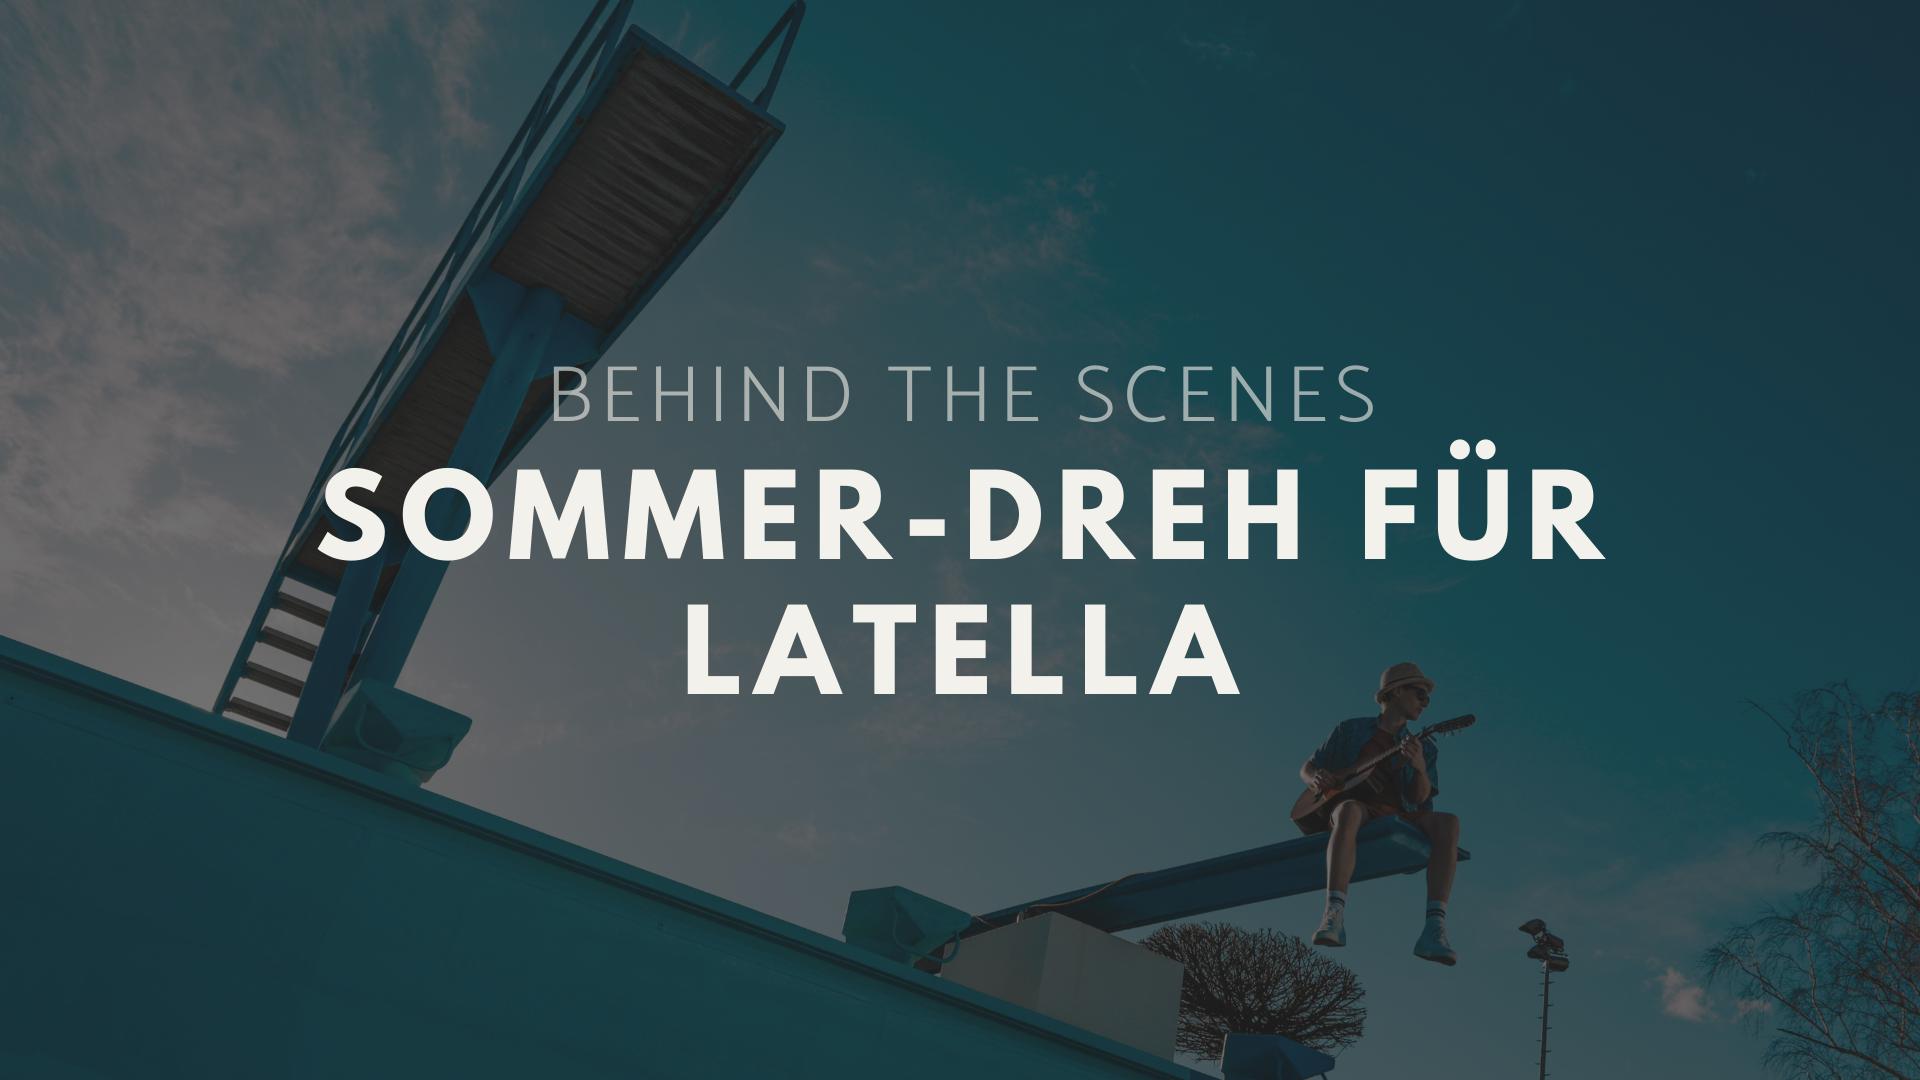 Lattella TV-Spots: Kleines Team, große Filme